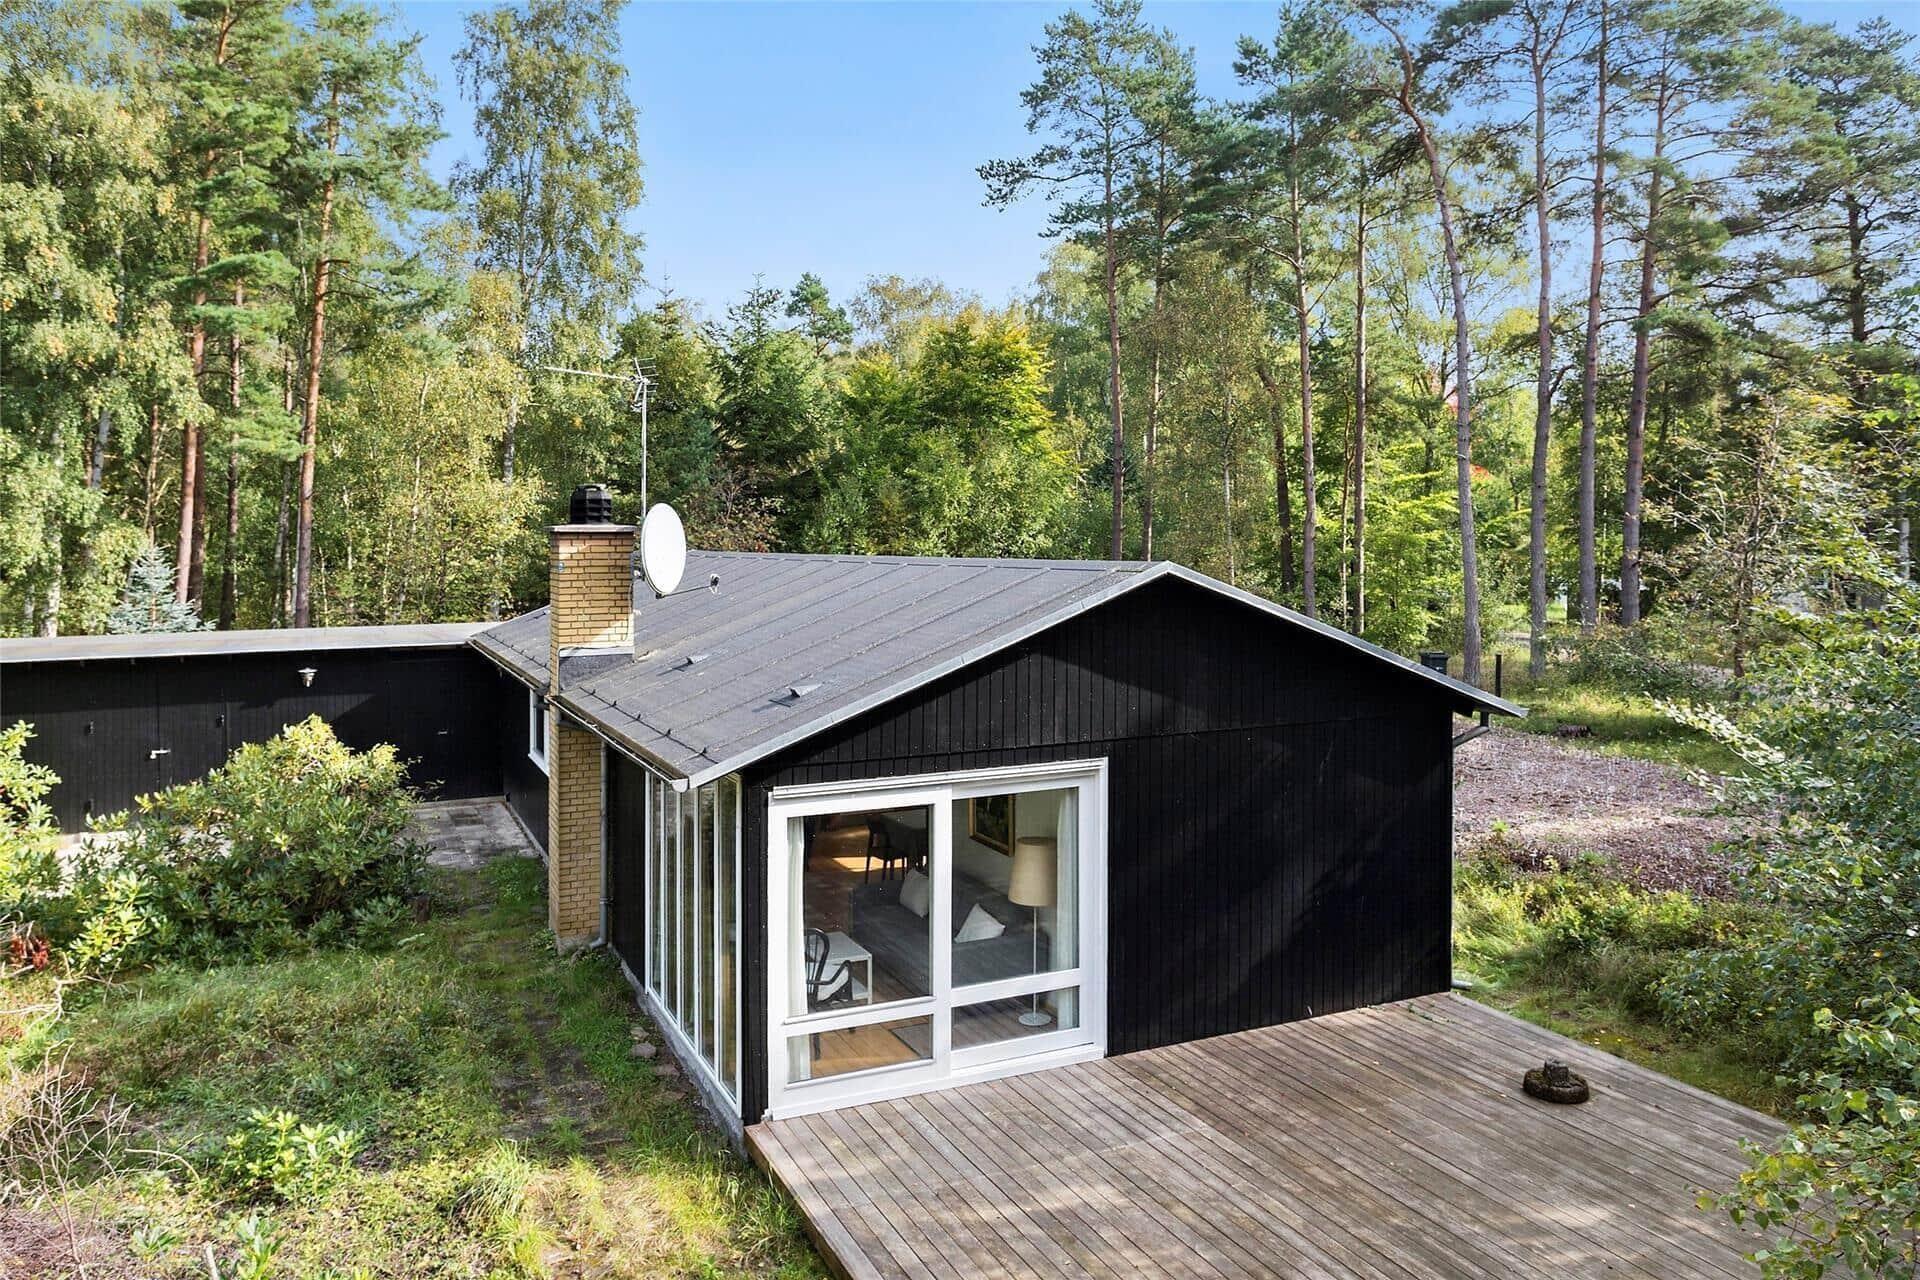 Billede 1-15 Sommerhus 2023, Horsnæsvej 6, DK - 4780 Stege